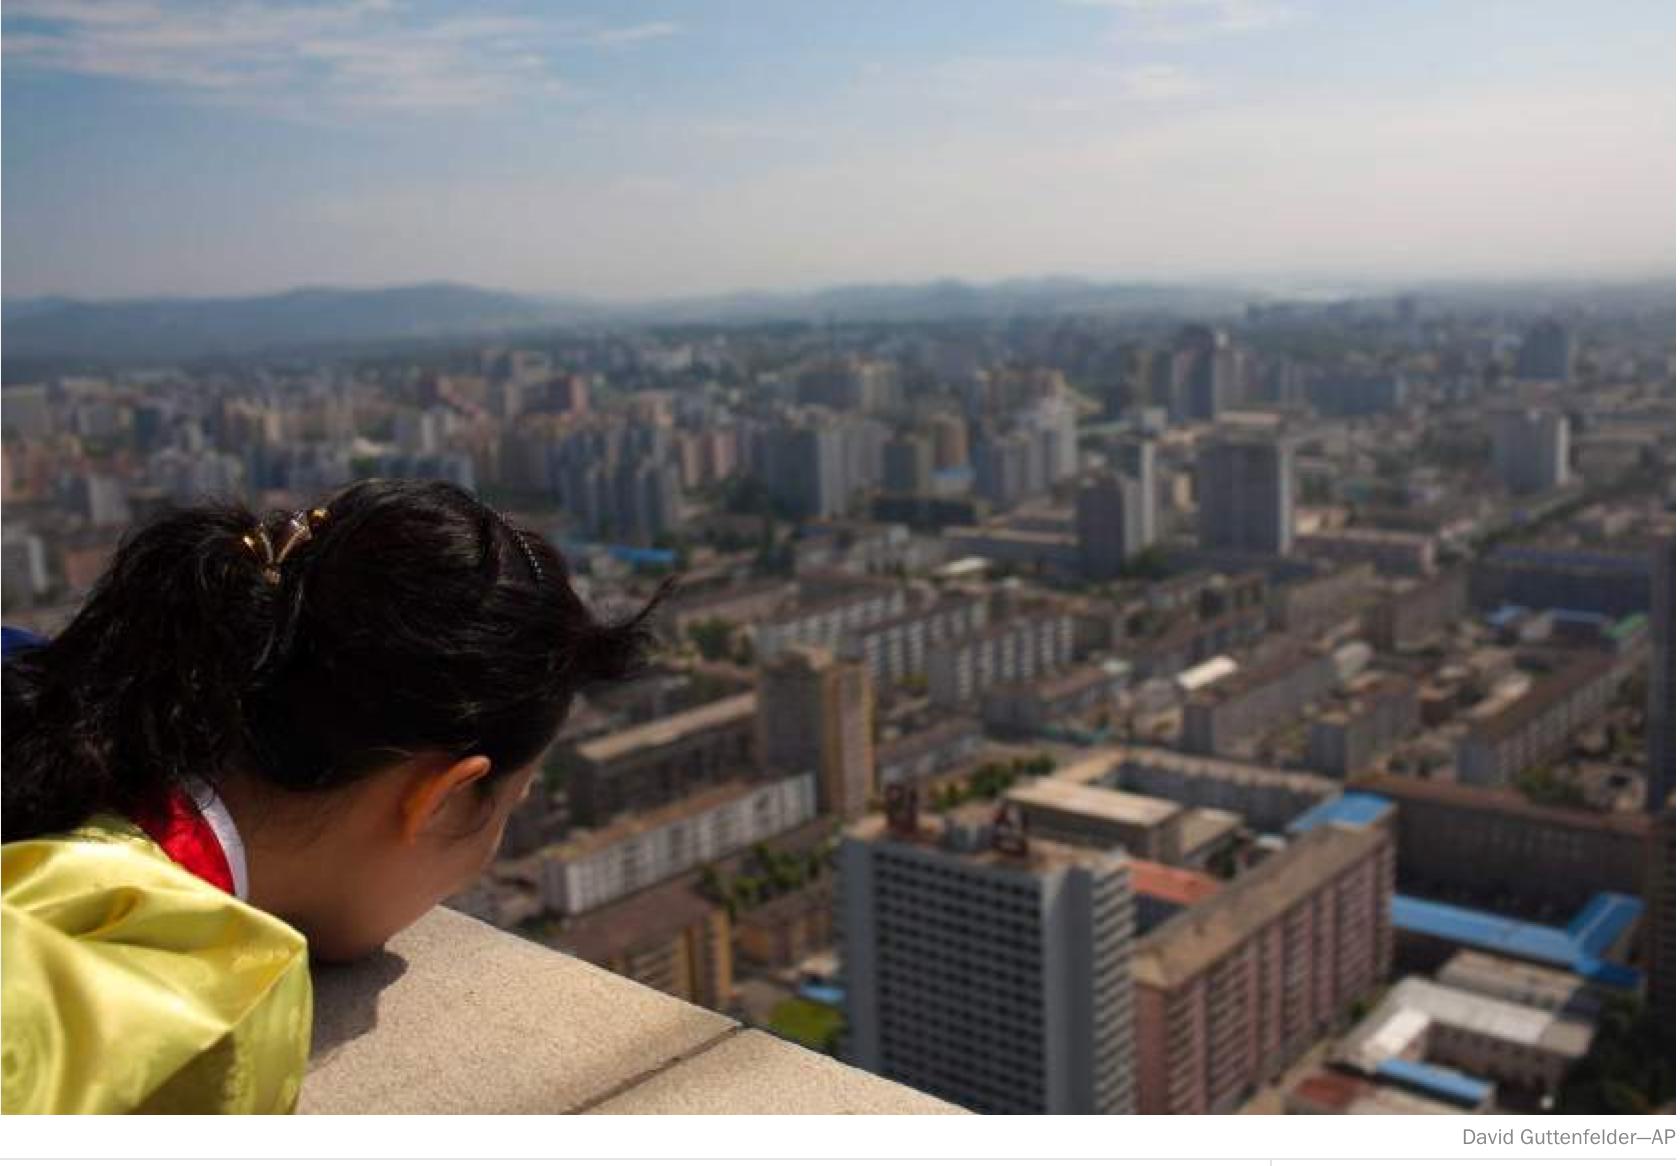 http://time.com/3506317/david-guttenfelder-north-korea-photos/